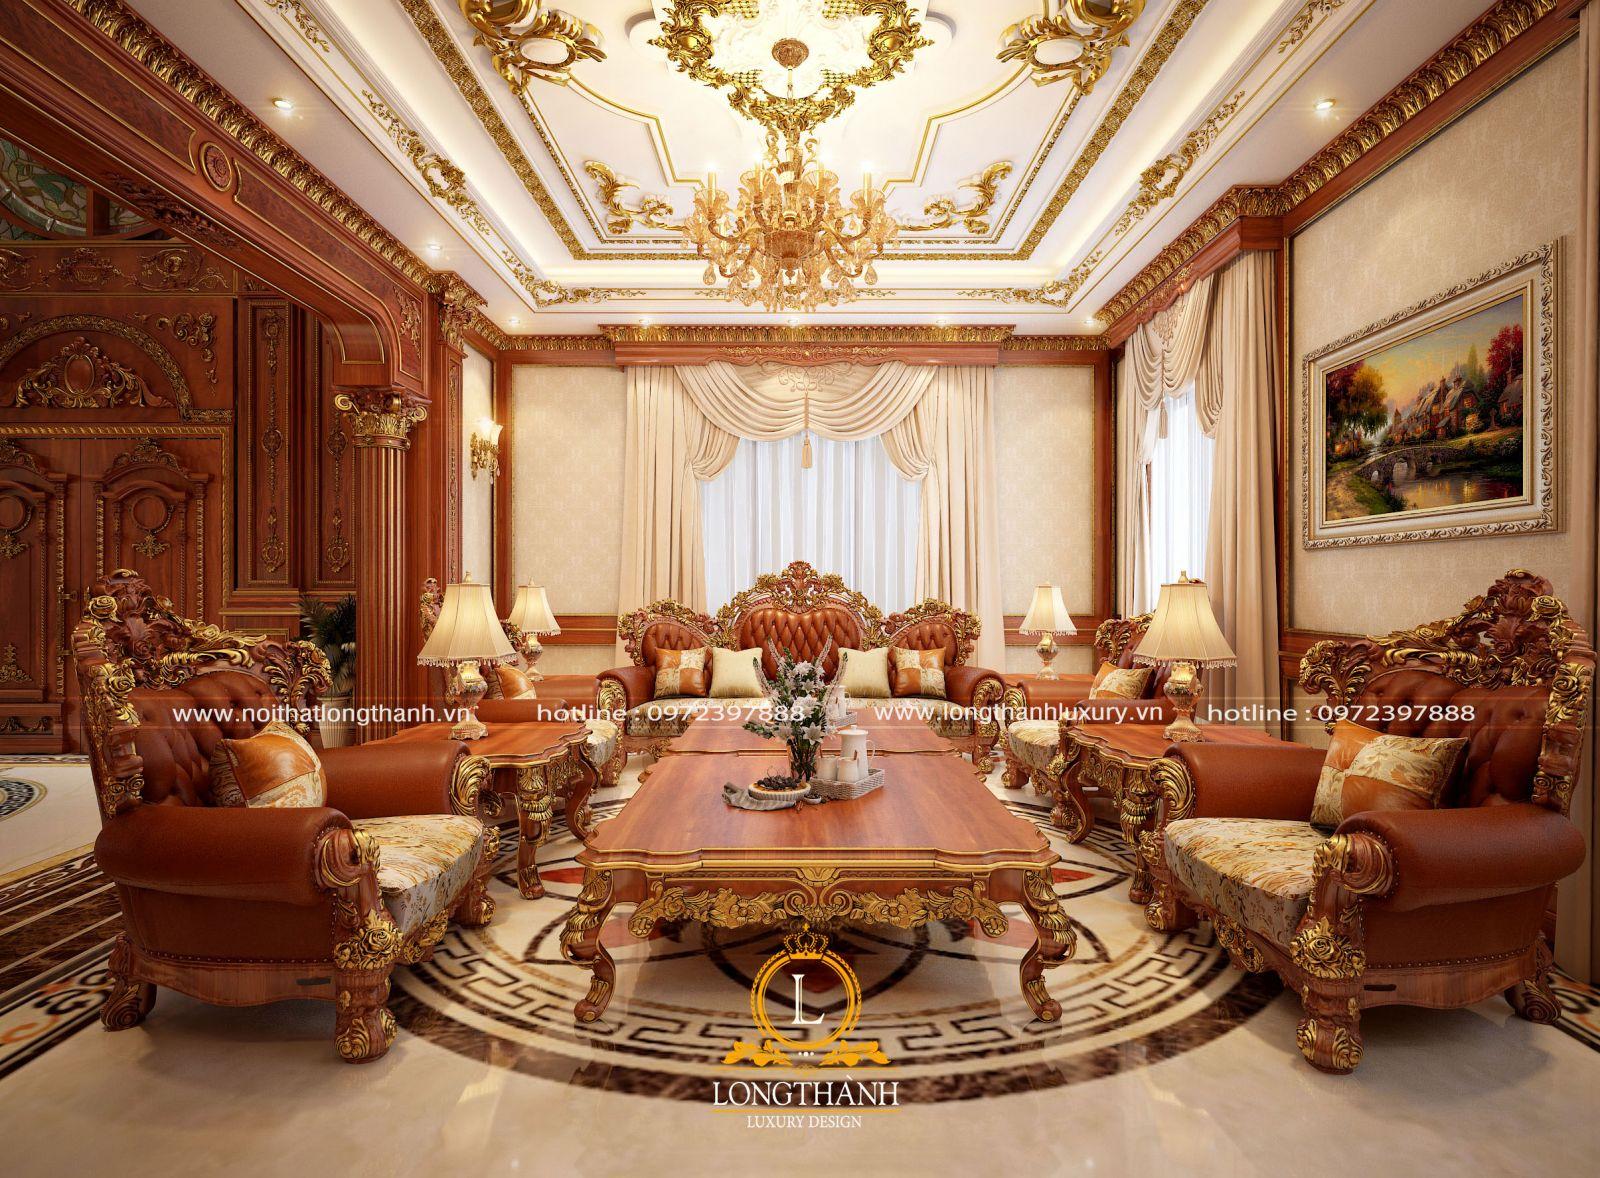 Sofa phòng khách dát vàng lộng lẫy sang trọng